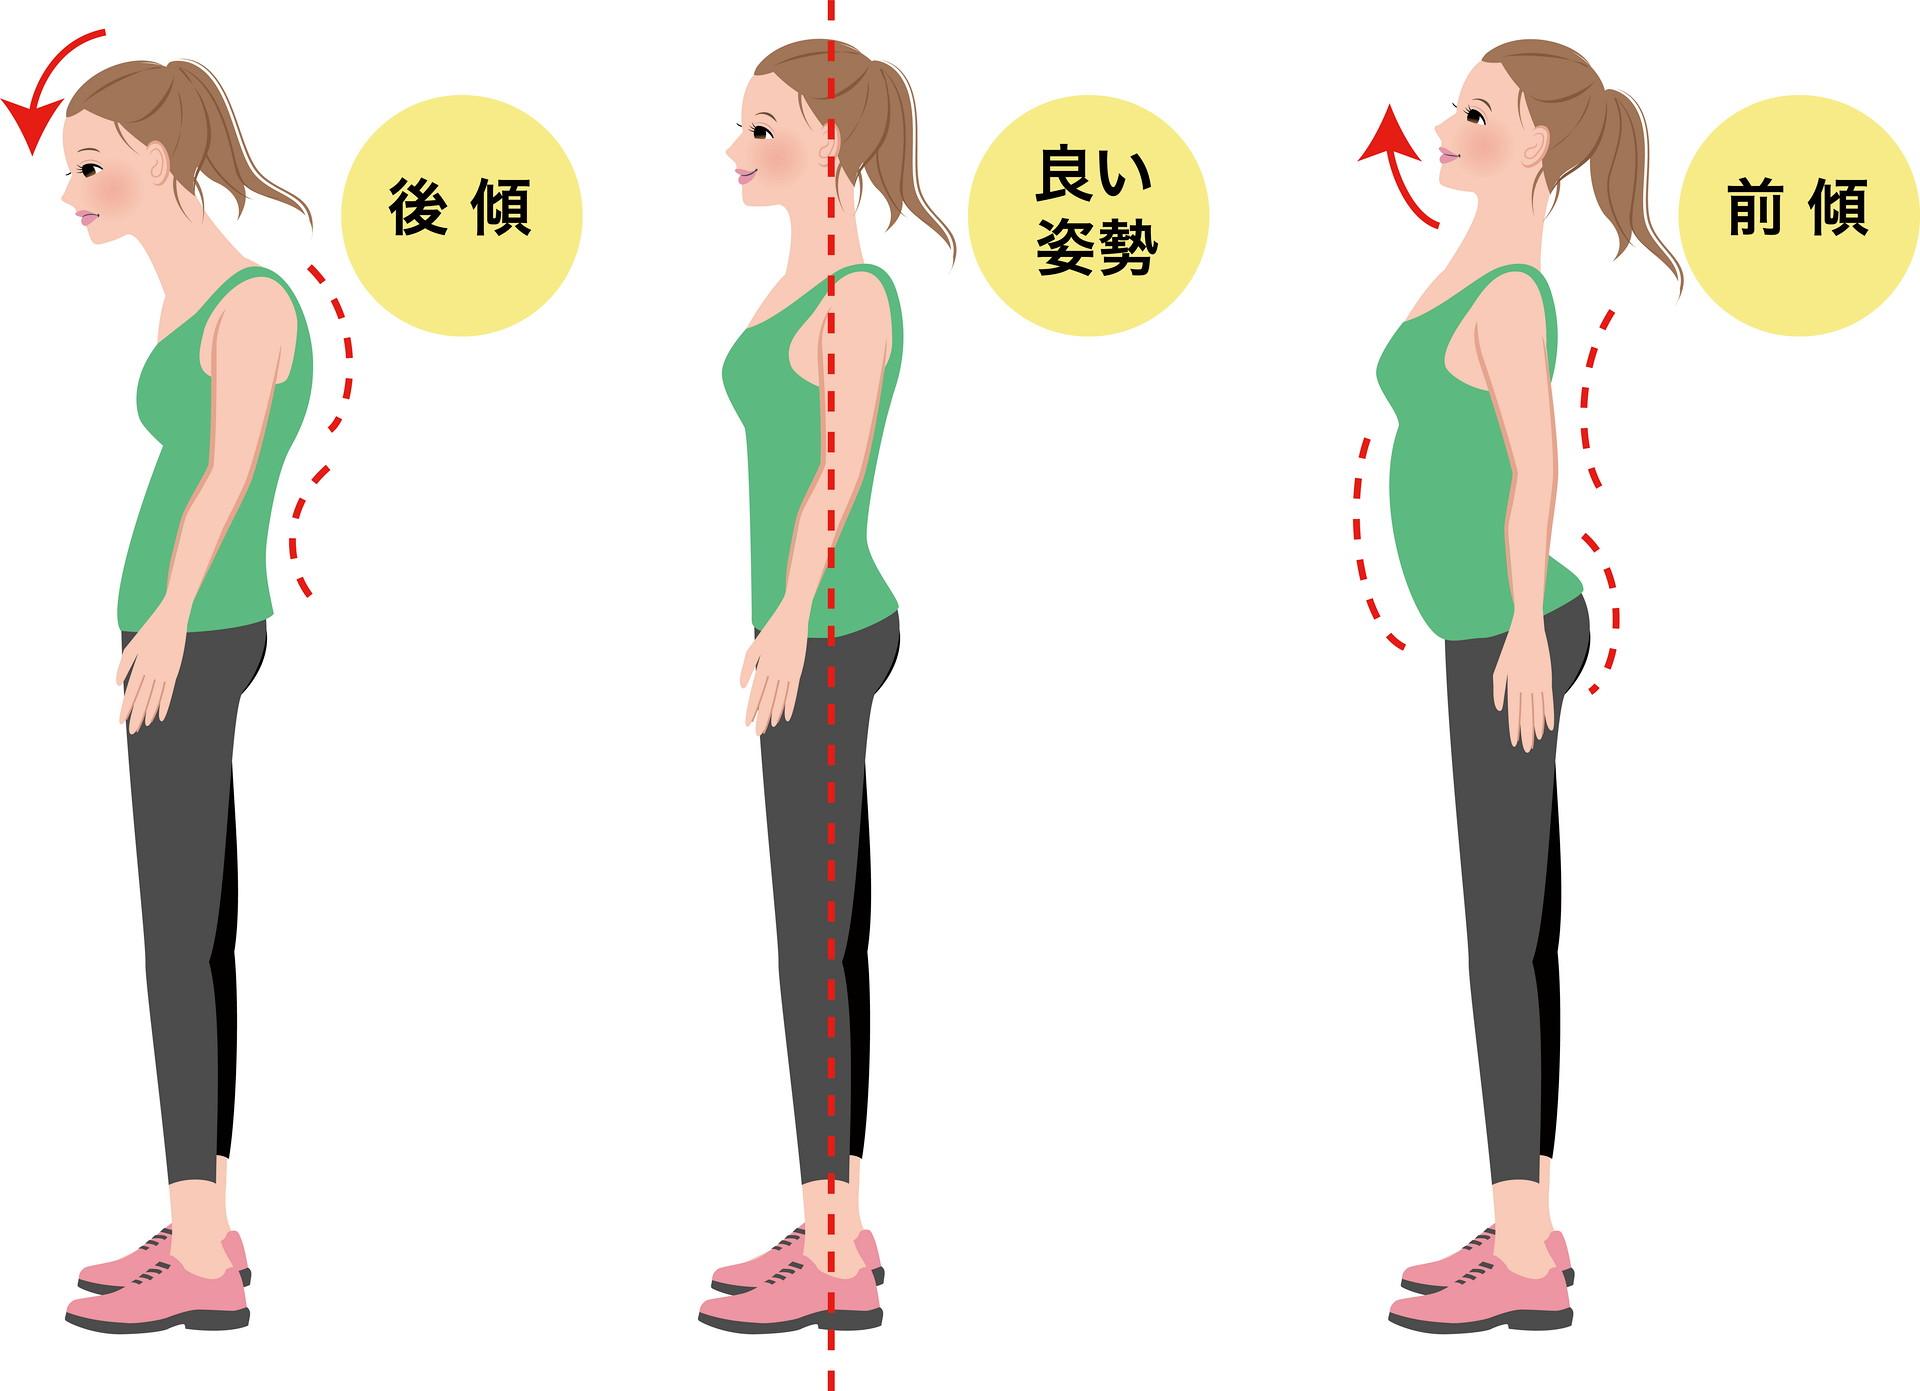 姿勢の画像